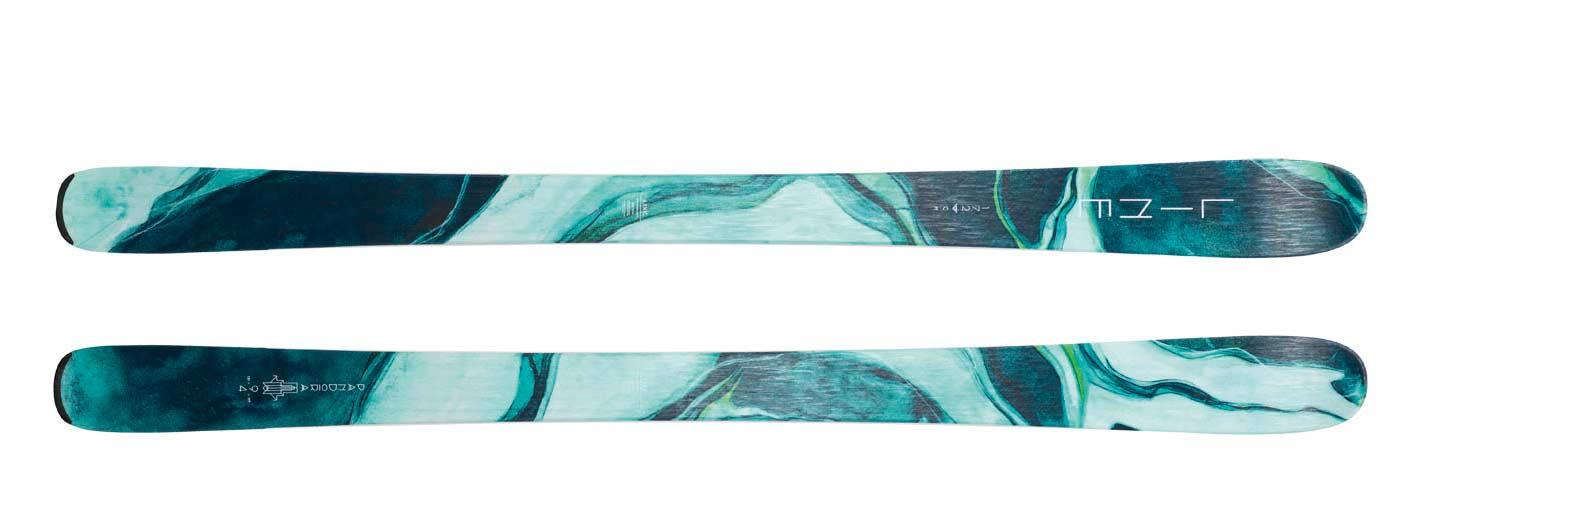 Line Skis: Pandora 94 18/19